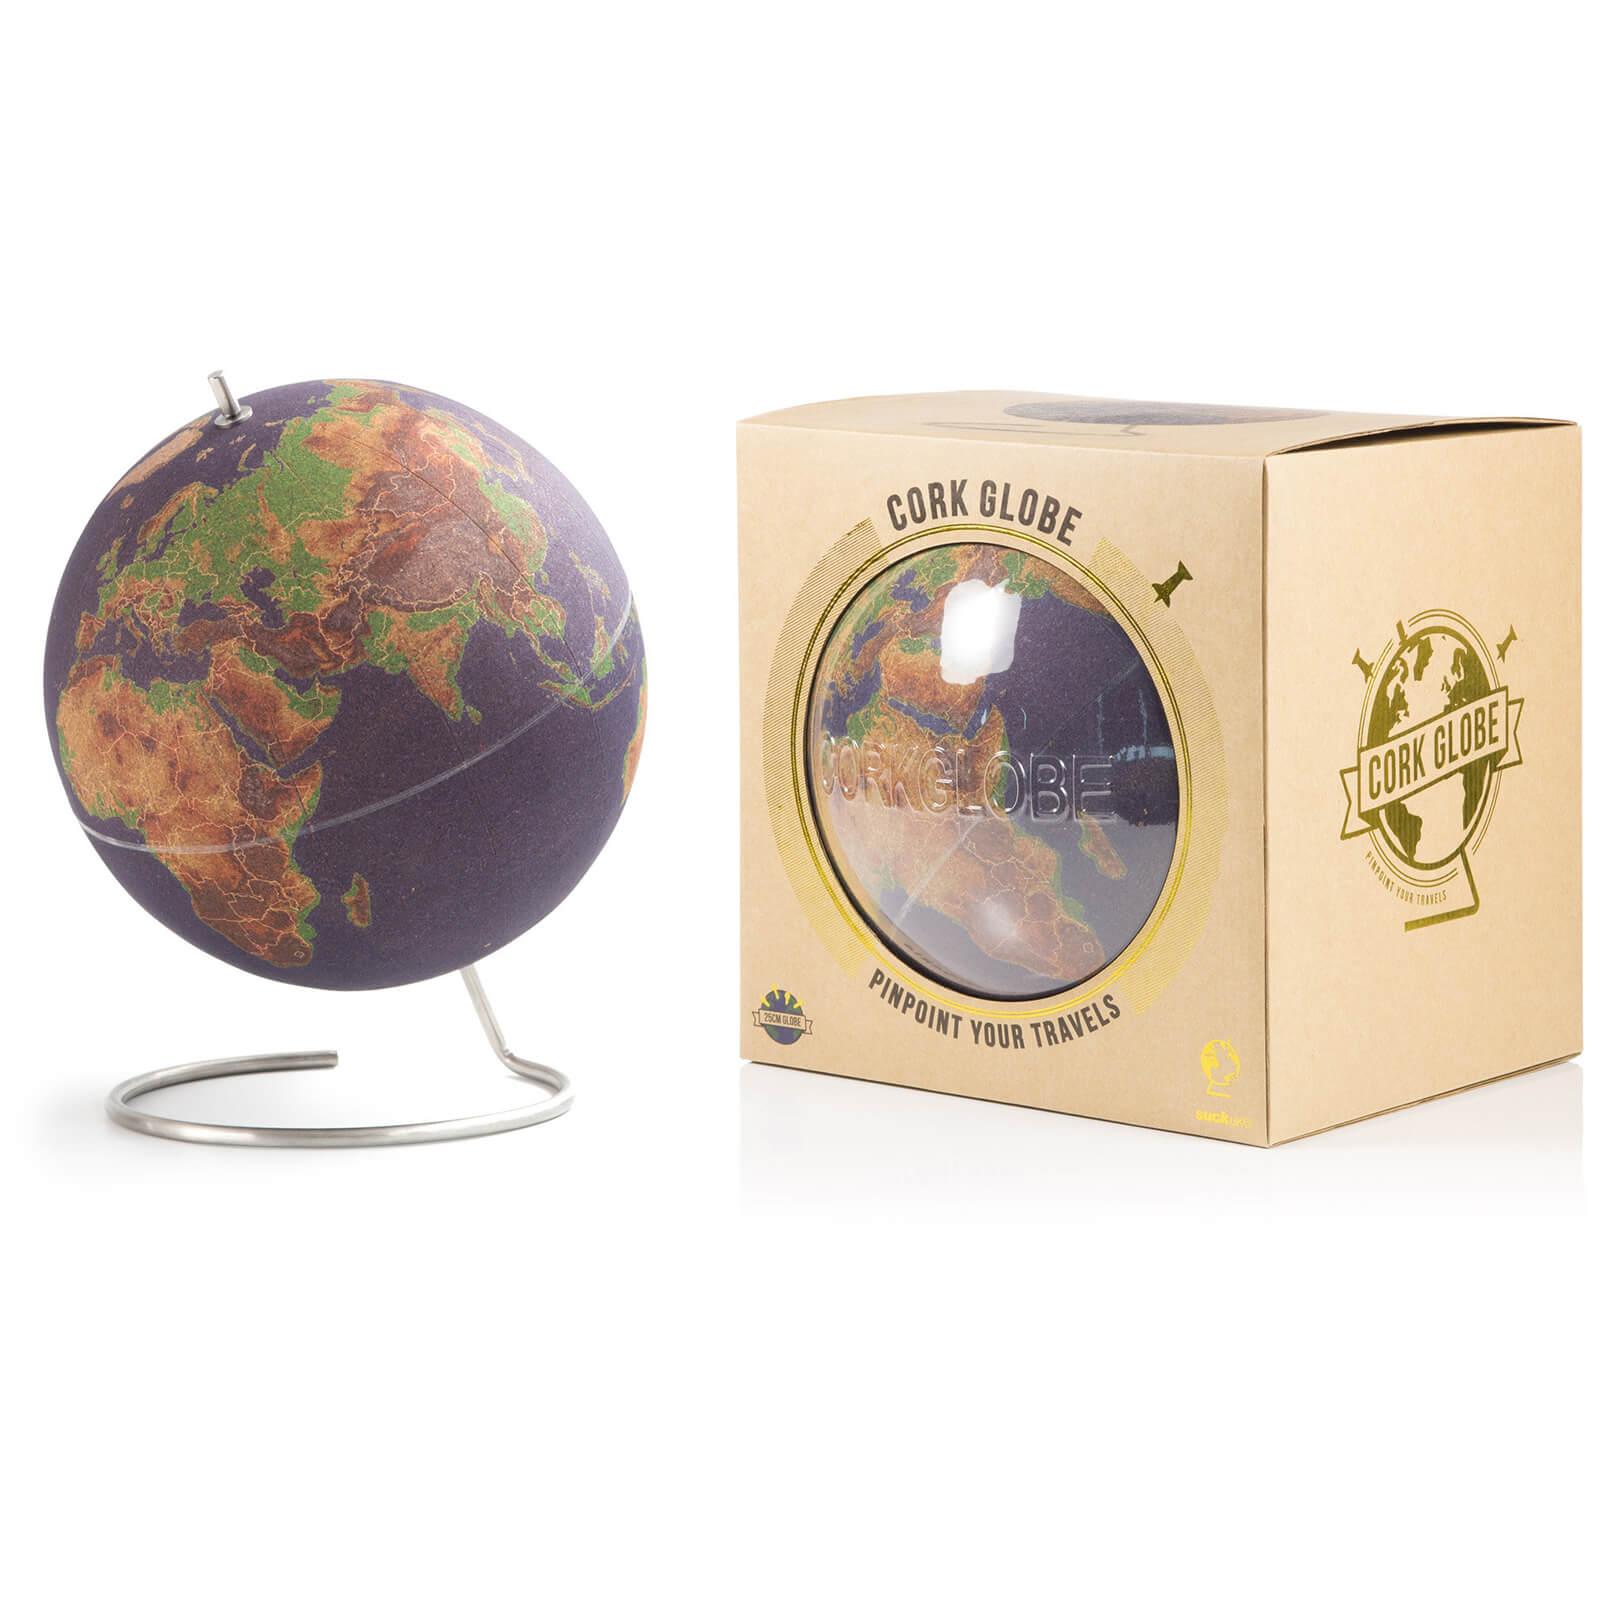 Image of Large Coloured Cork Globe